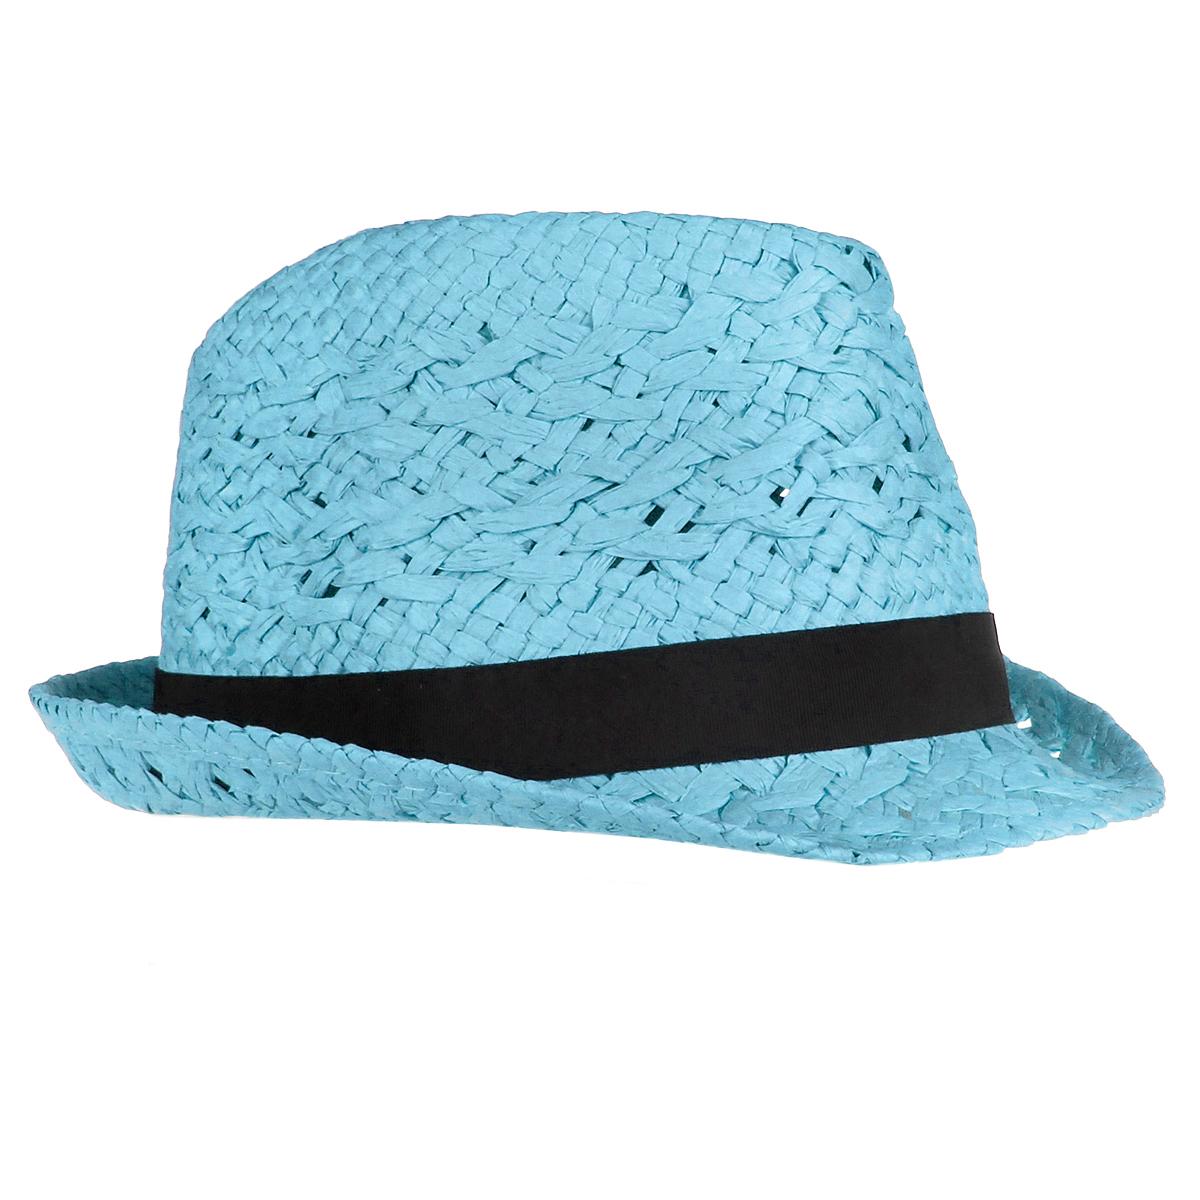 1961085Стильная летняя шляпа Canoe Casa, выполненная из искусственной соломы, станет незаменимым аксессуаром для пляжа и отдыха на природе, и обеспечит надежную защиту головы от солнца. Шляпа оформлена декоративной лентой и украшена металлическим фирменным значком. Плетение шляпы обеспечивает необходимую вентиляцию и комфорт даже в самый знойный день. Шляпа легко восстанавливает свою форму после сжатия. Такая шляпа подчеркнет вашу неповторимость и дополнит ваш повседневный образ.